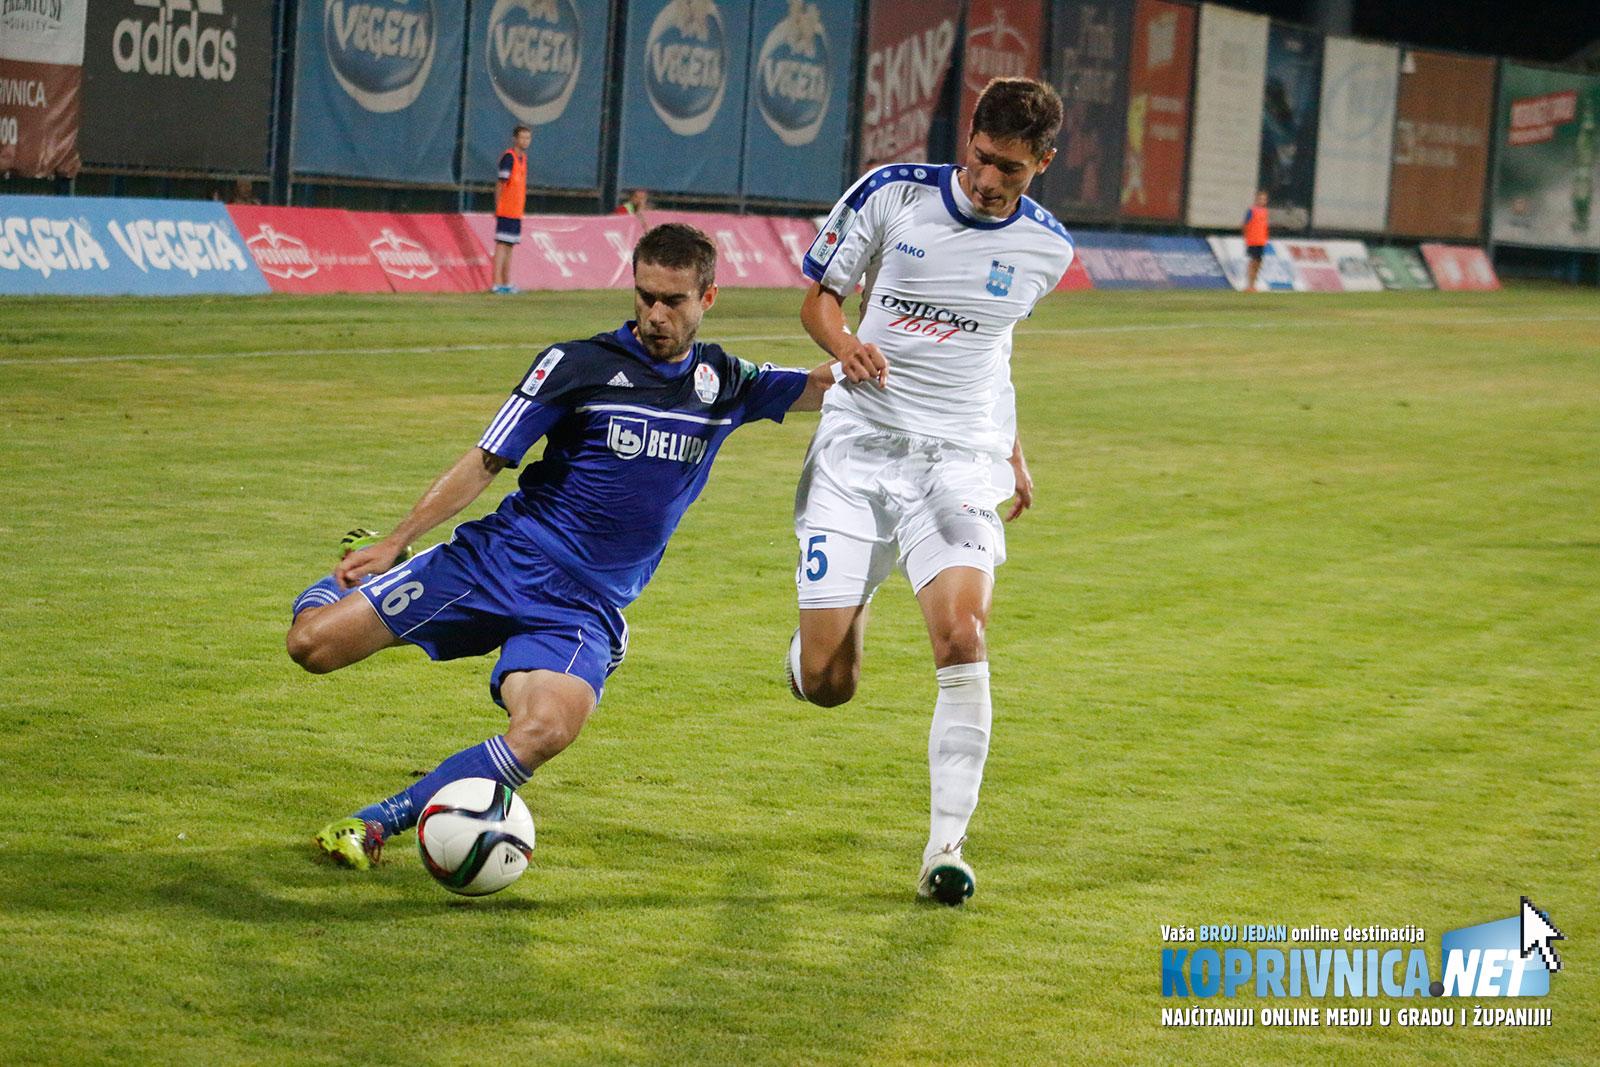 Vedran Purić odigrao je dopadljivo na desnom beku // Foto: Mario Kos